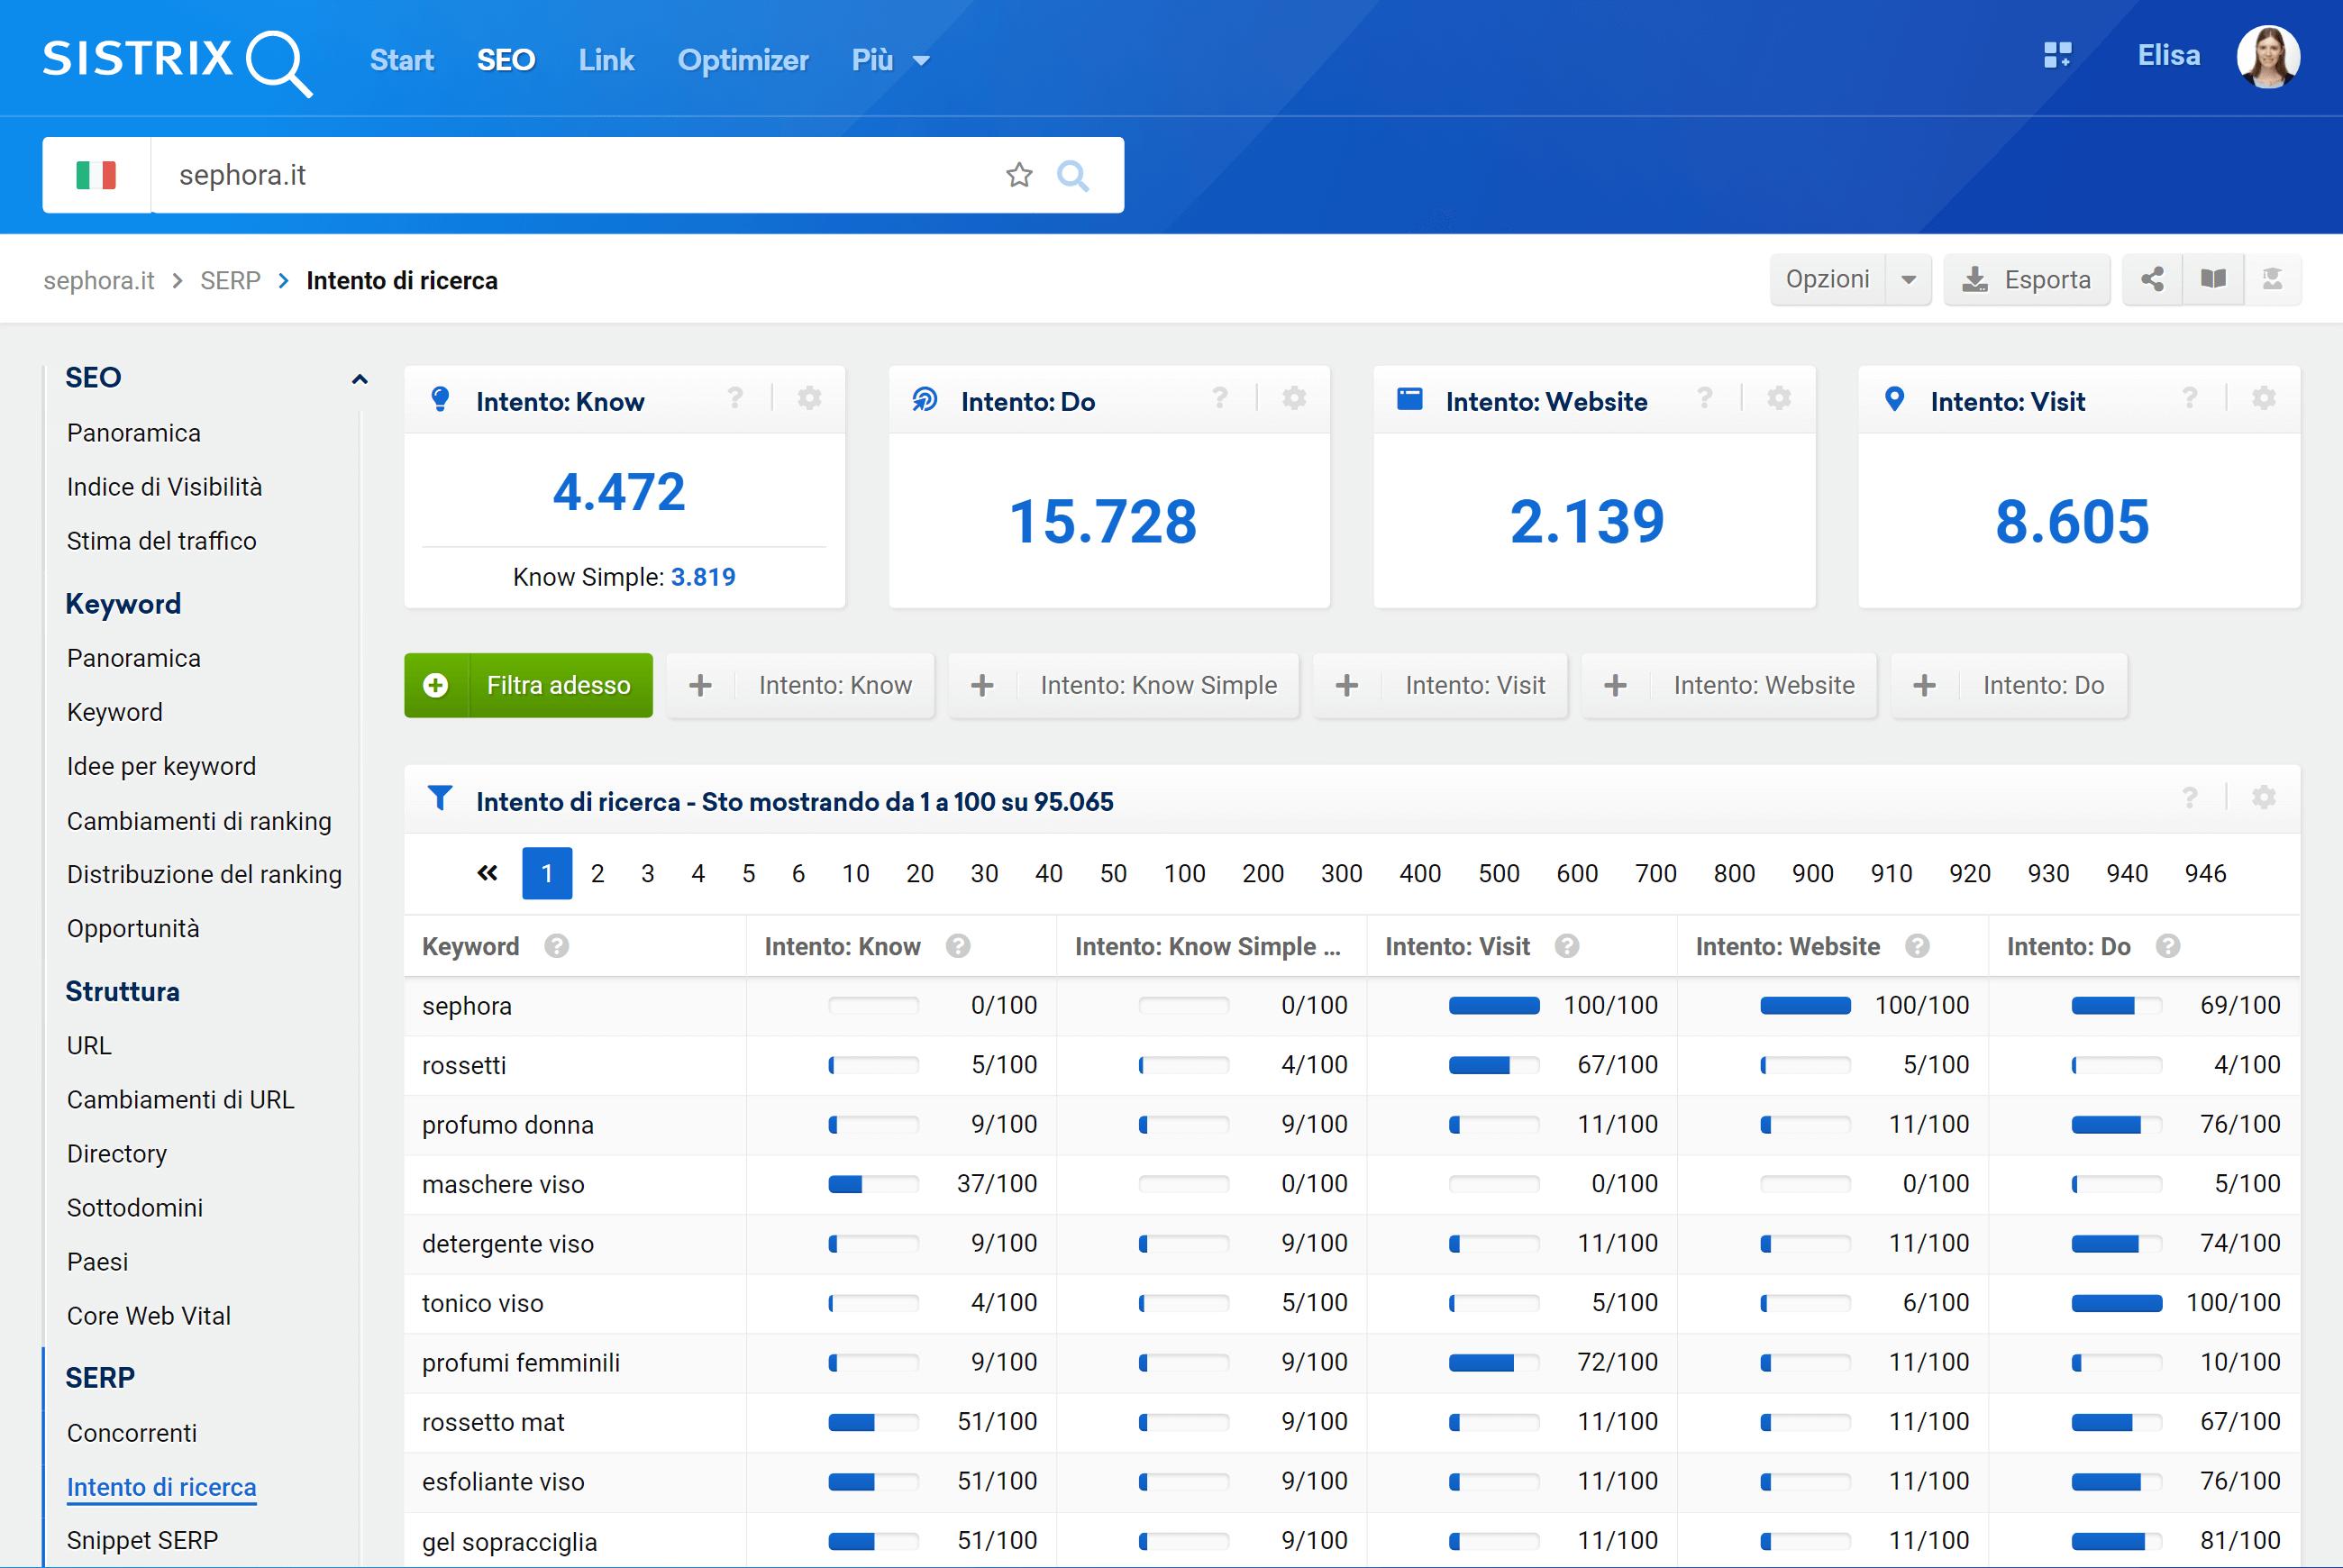 Intento di ricerca delle keyword di sephora.it